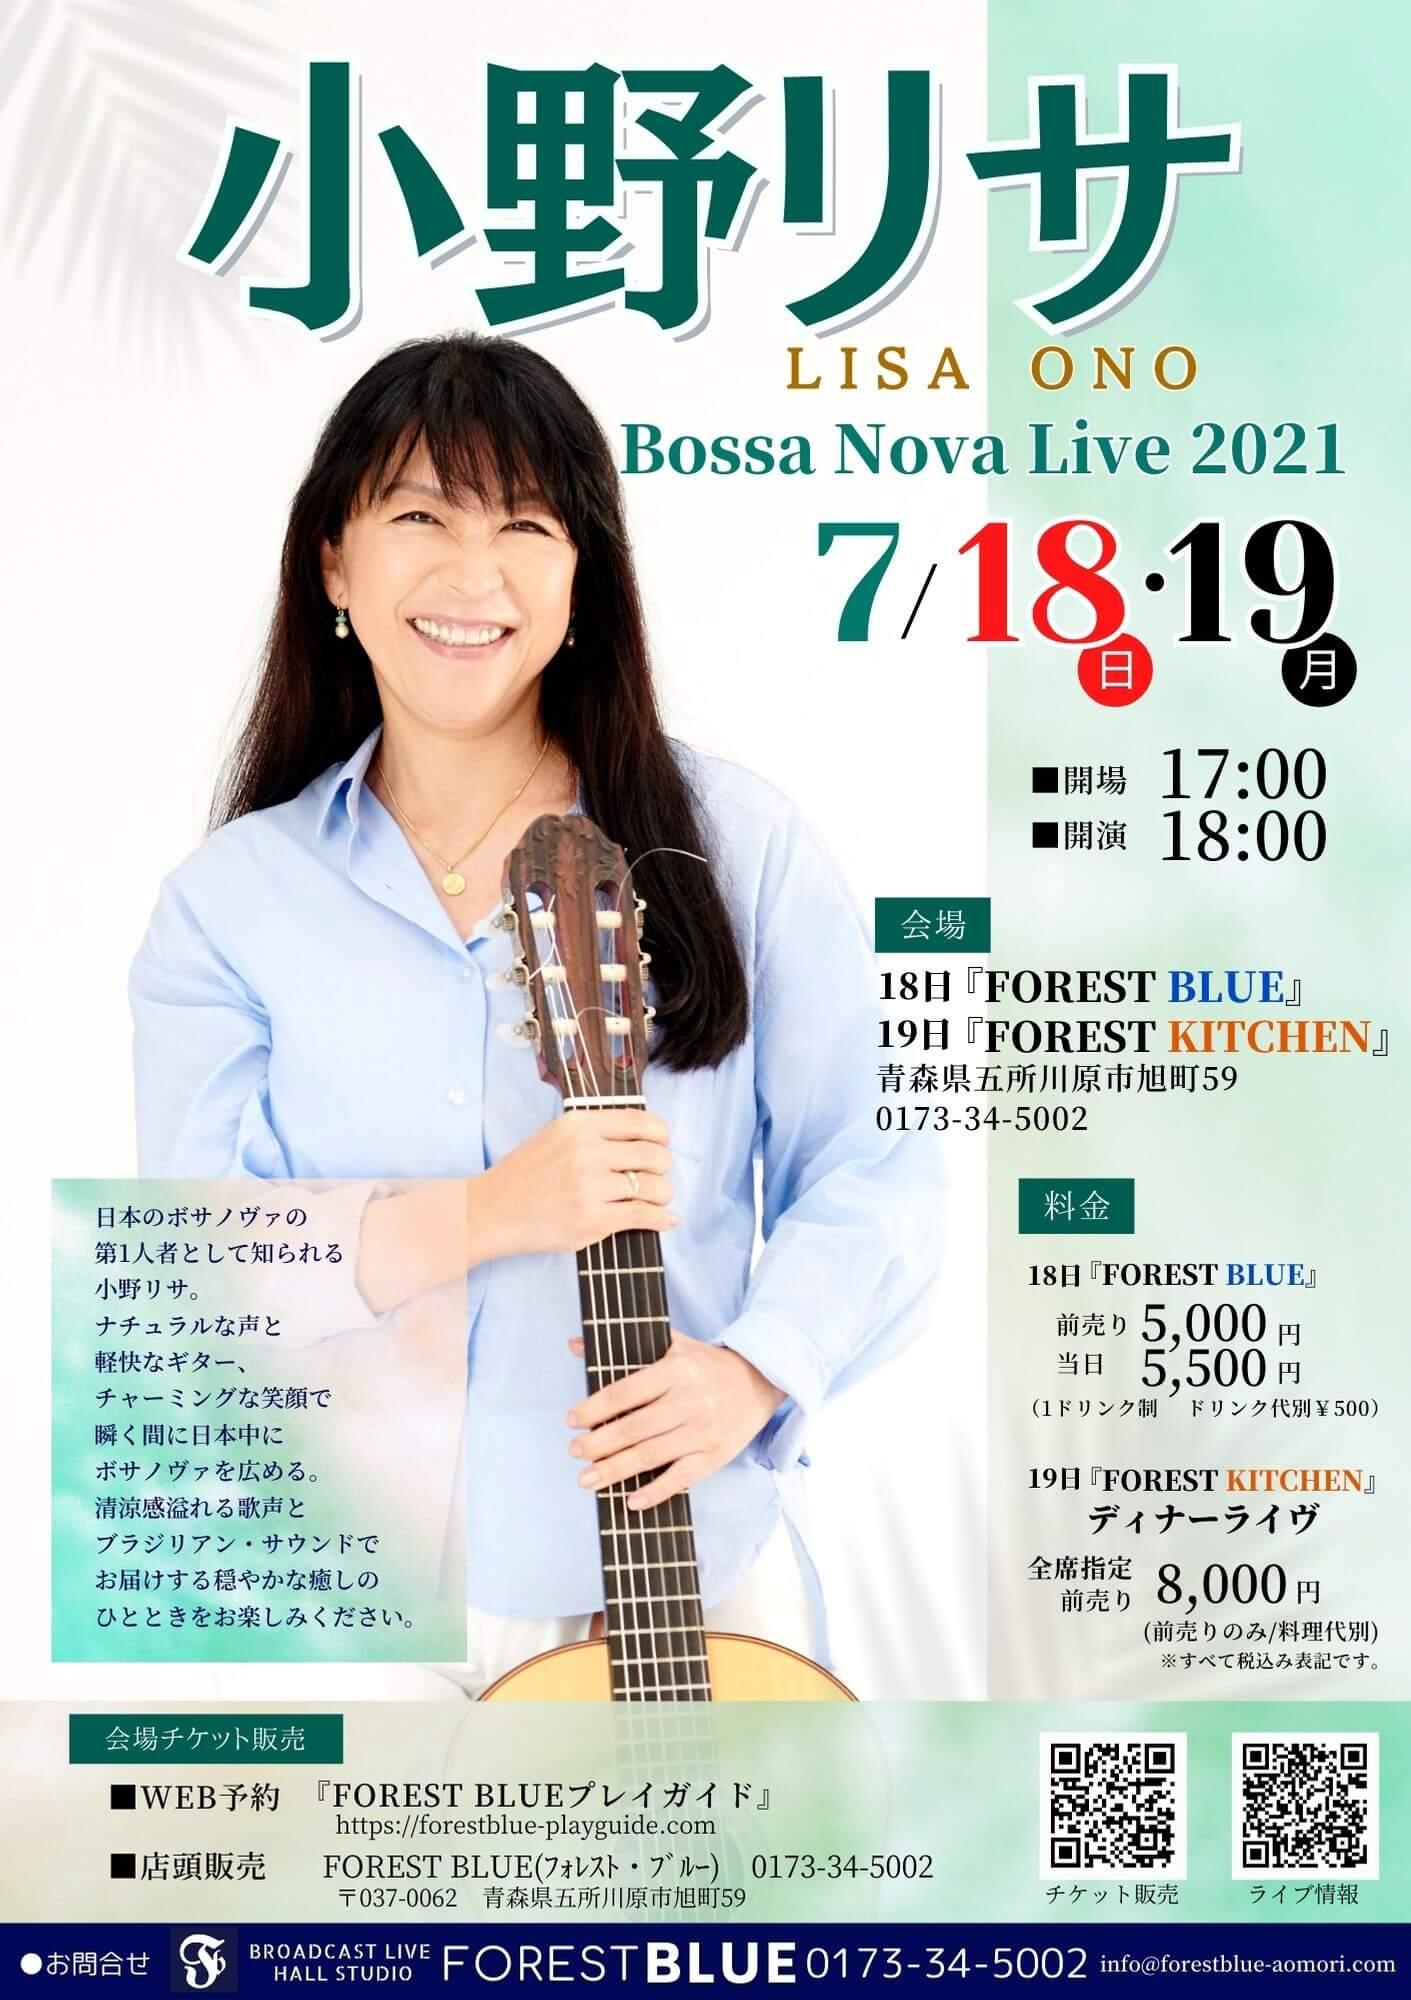 小野リサ Bossa Nova Live 2021 onolisa